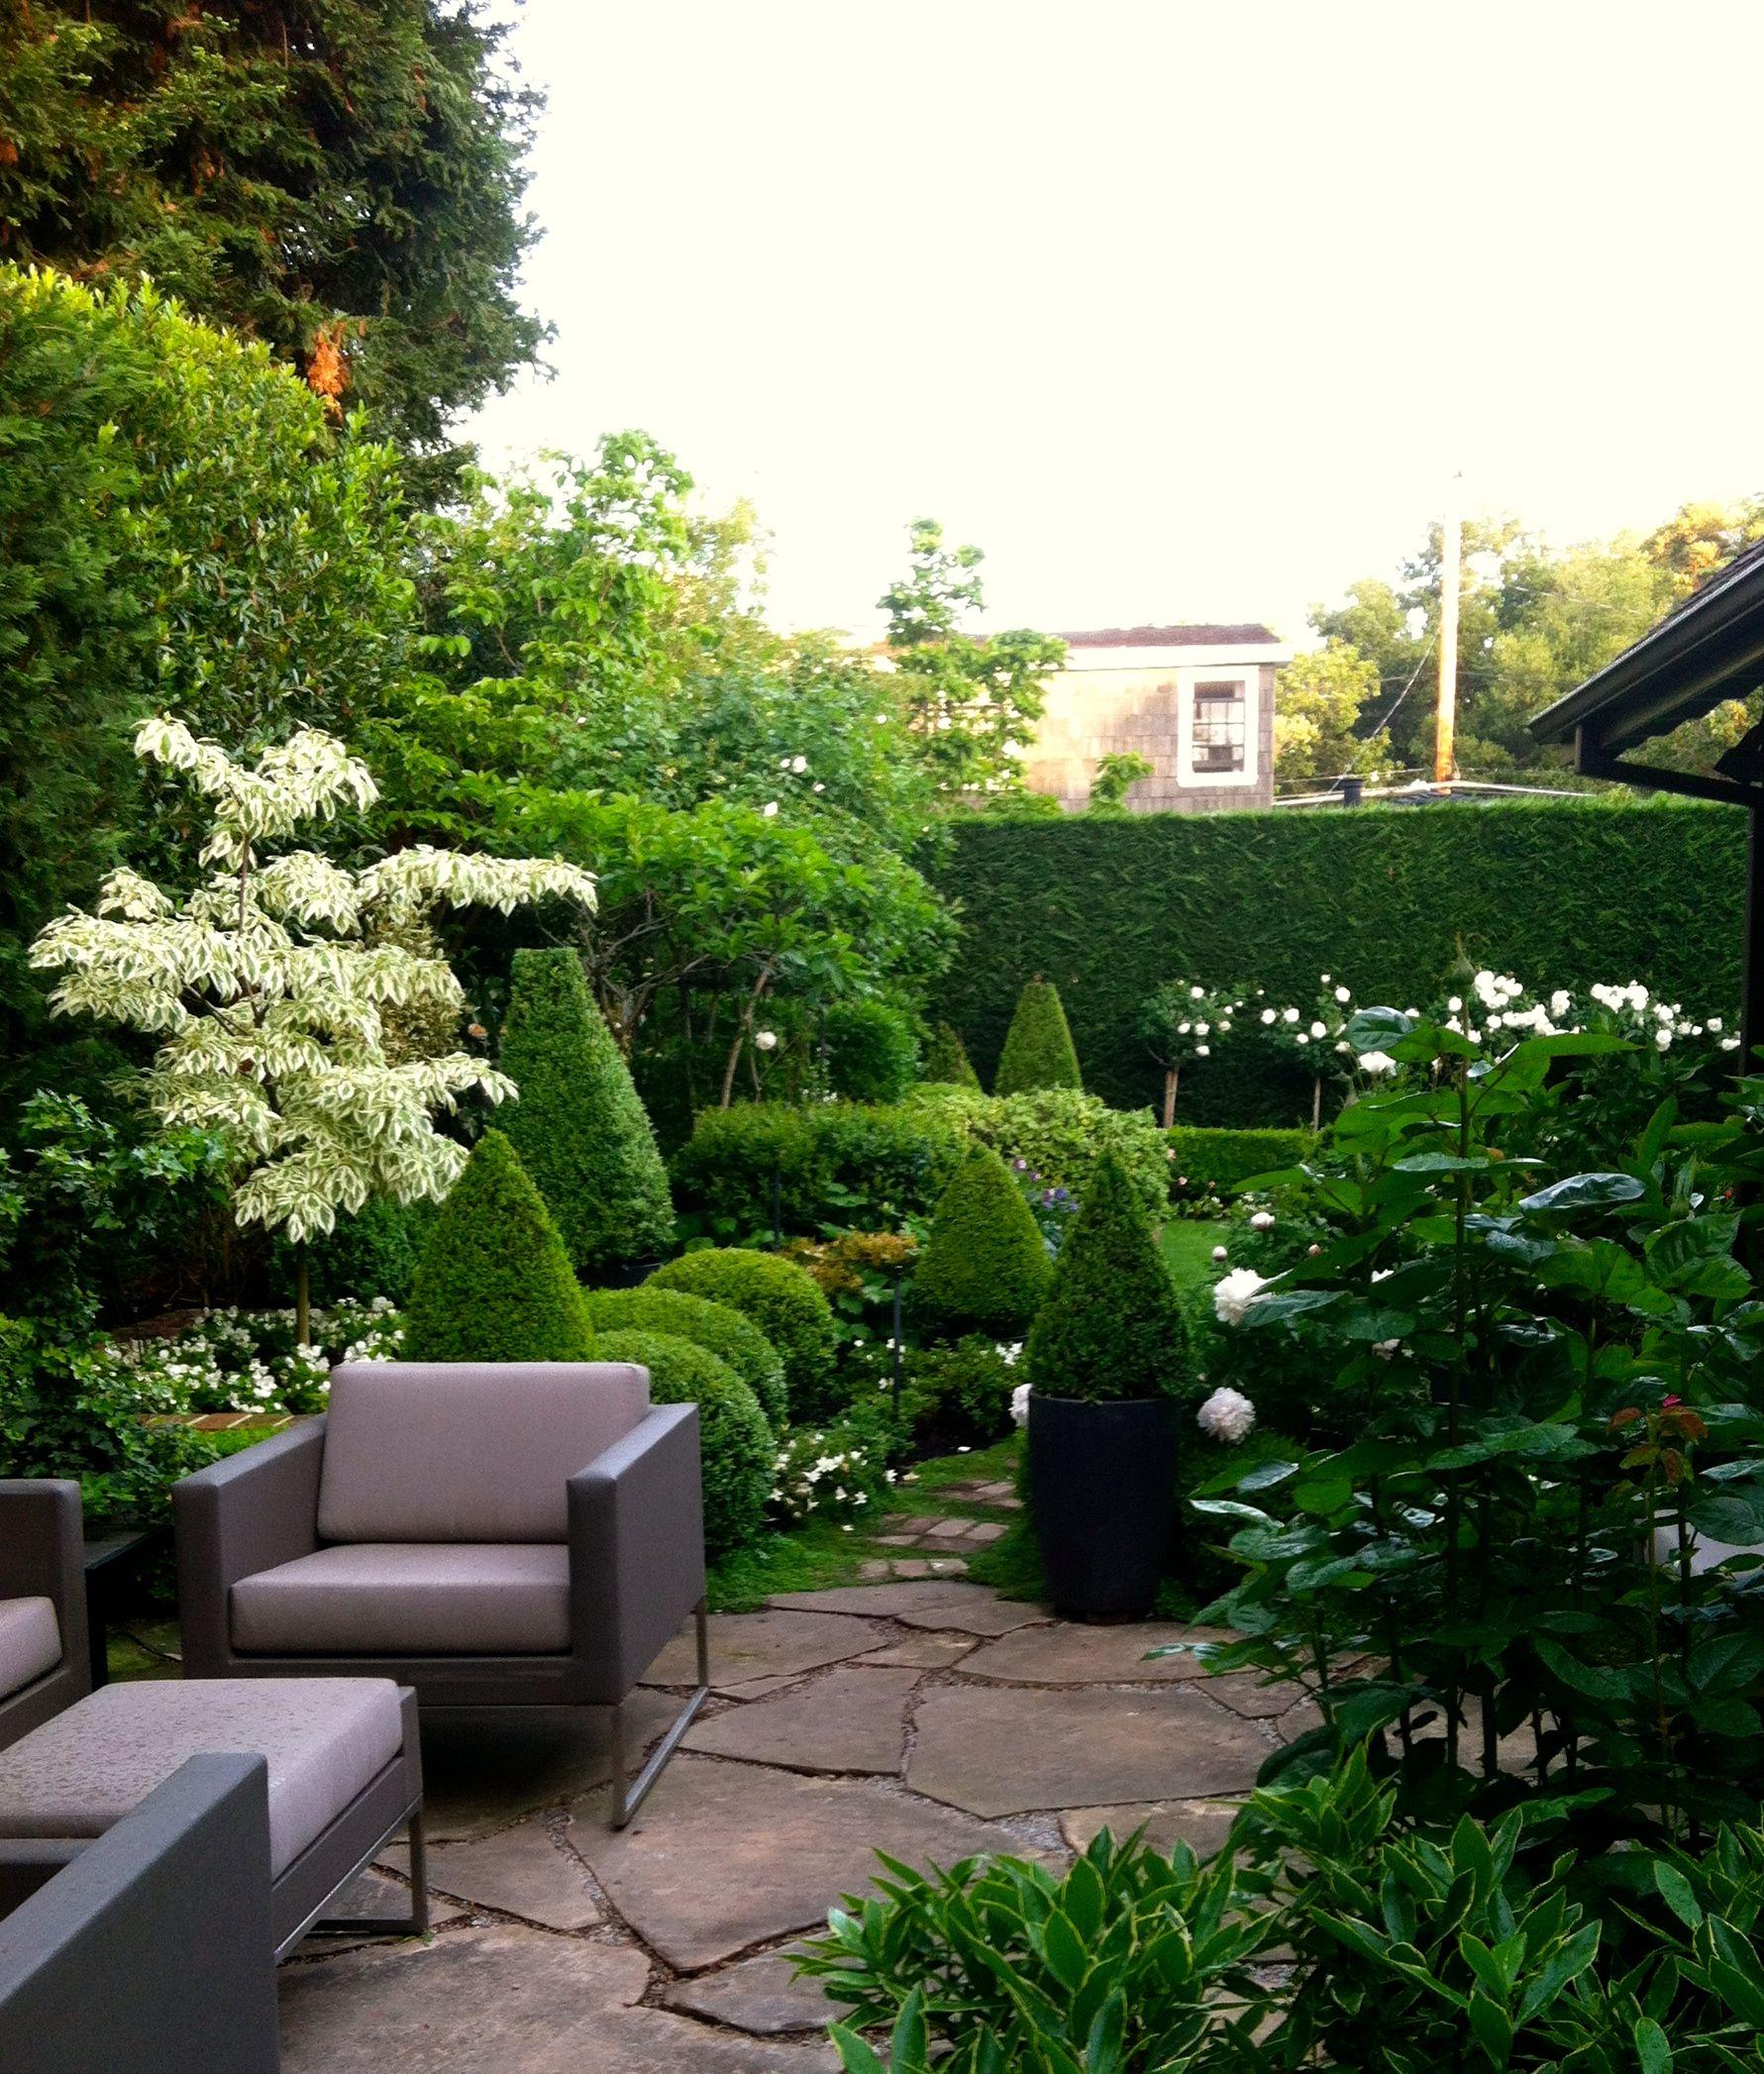 Green On Green Design By Dorrit Kingsbury For Kingsbury Garden Designs Llc Garden Design Green Design Outdoor Decor